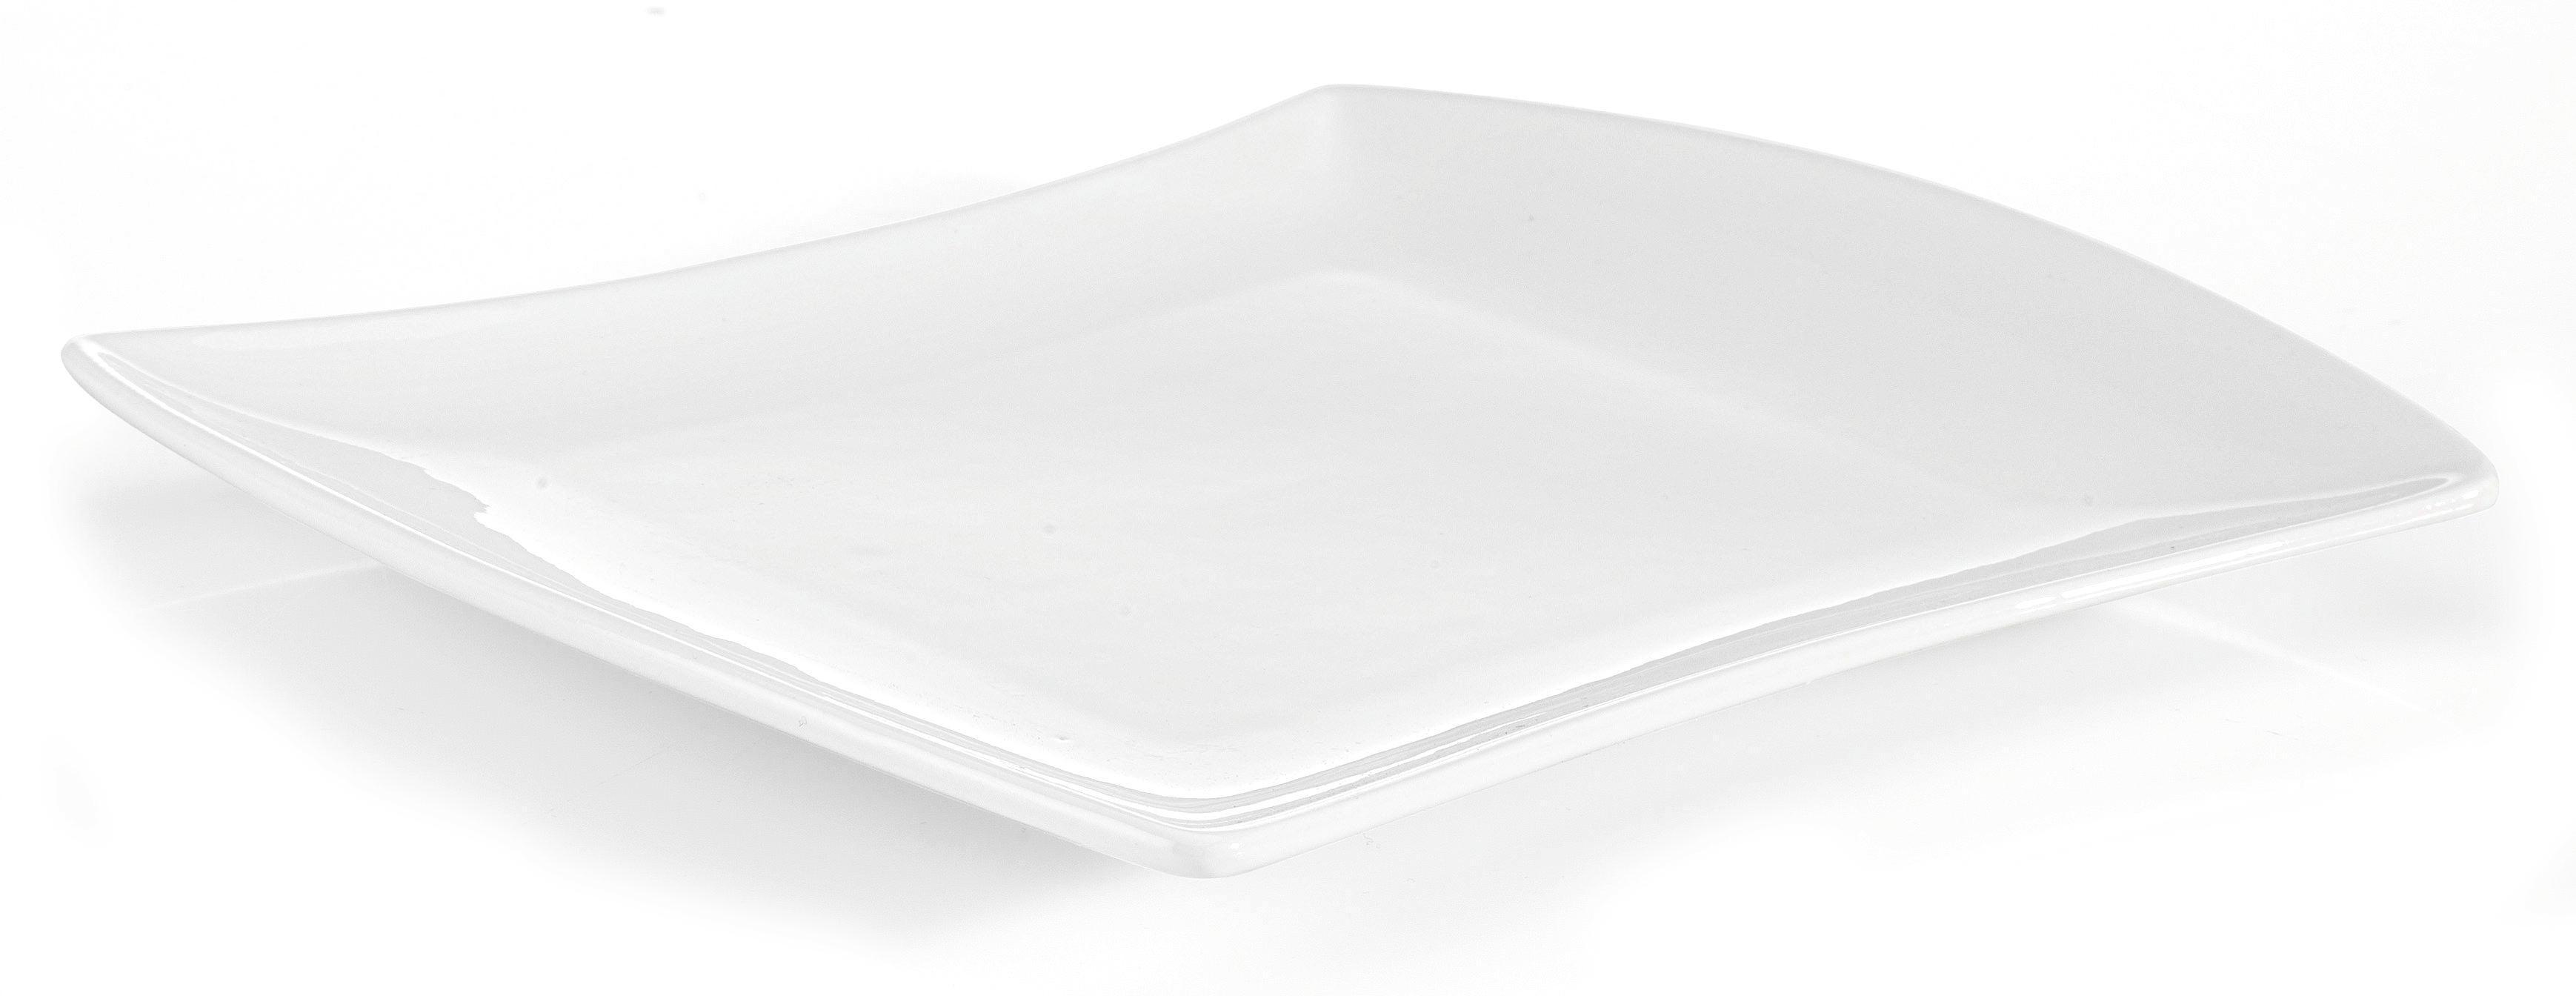 Desszertes Tányér Tacoma - fehér, Lifestyle, kerámia (18,3/21cm) - premium living